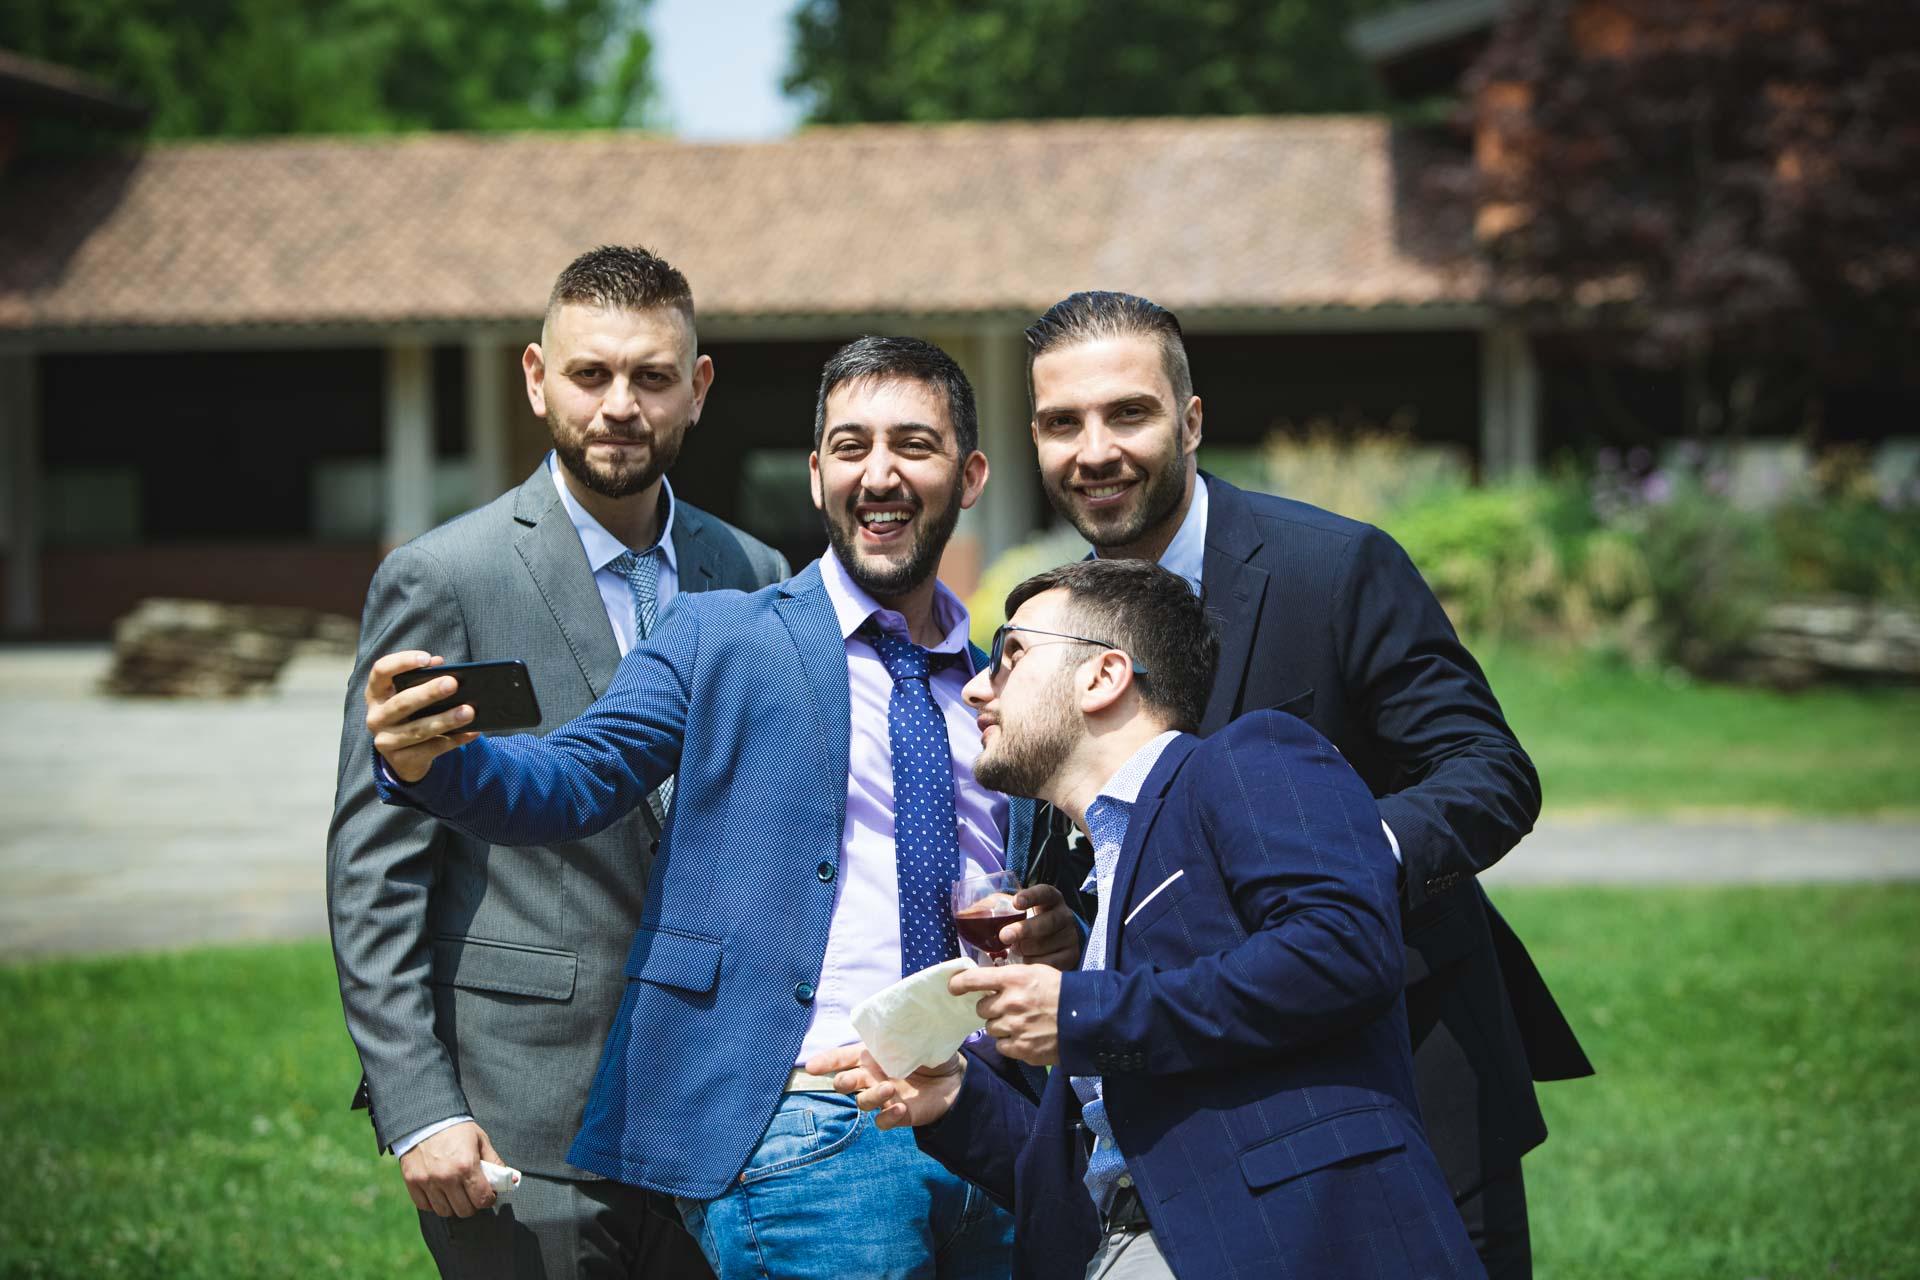 matrimonio invitati selfie